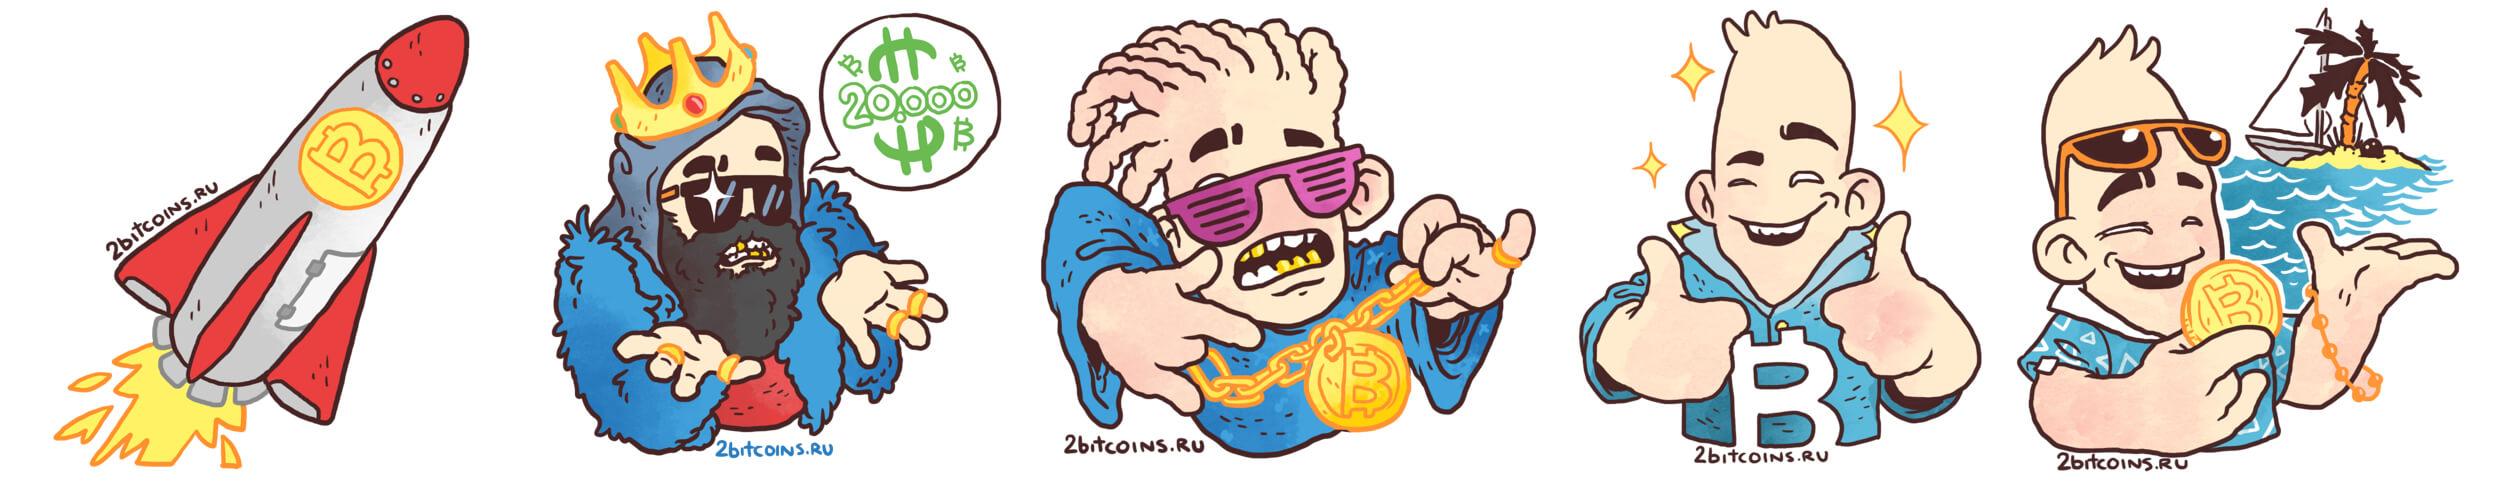 Курс Биткоина, Виталик Бутерин и заветный Туземун. Лучшие Телеграм-стикеры для любителей криптовалют